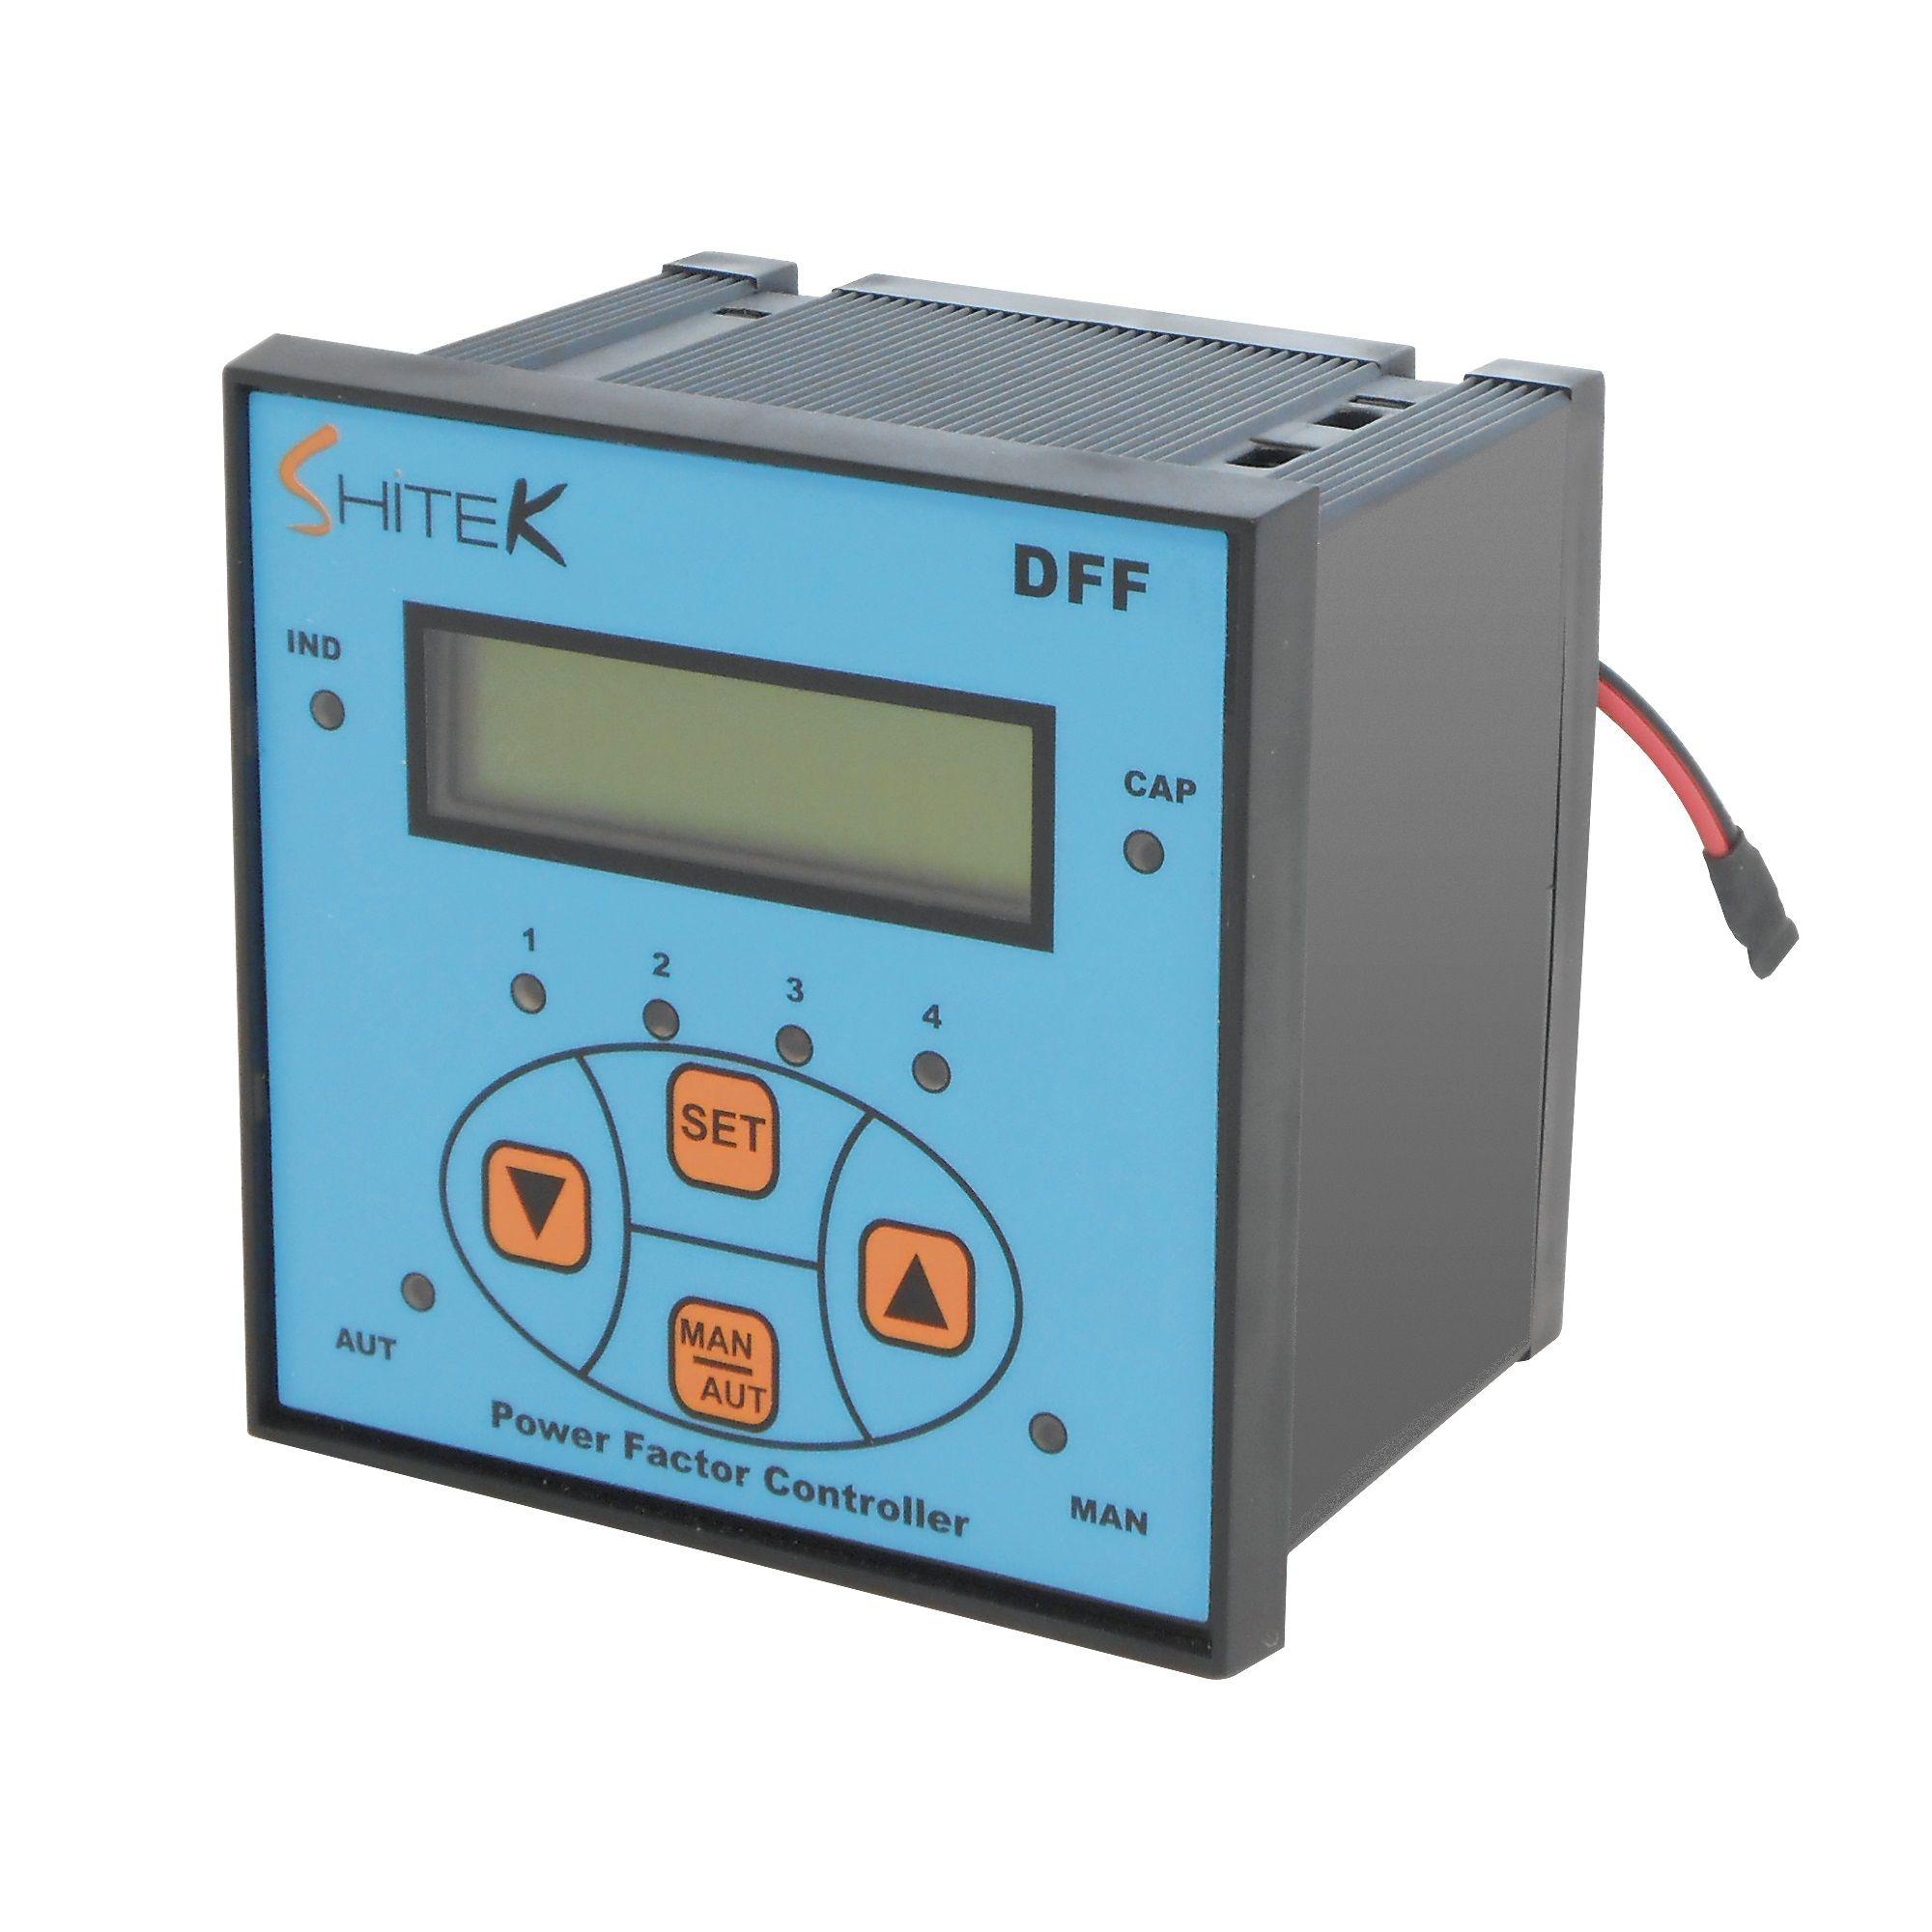 DFF Controllo filtro passivo. Dispositivo per controllo filtro passivo capacitivo dedicato alla gestione di carico capacitivo inseribile in base alla richiesta con funzione avanzata antipendolamento.